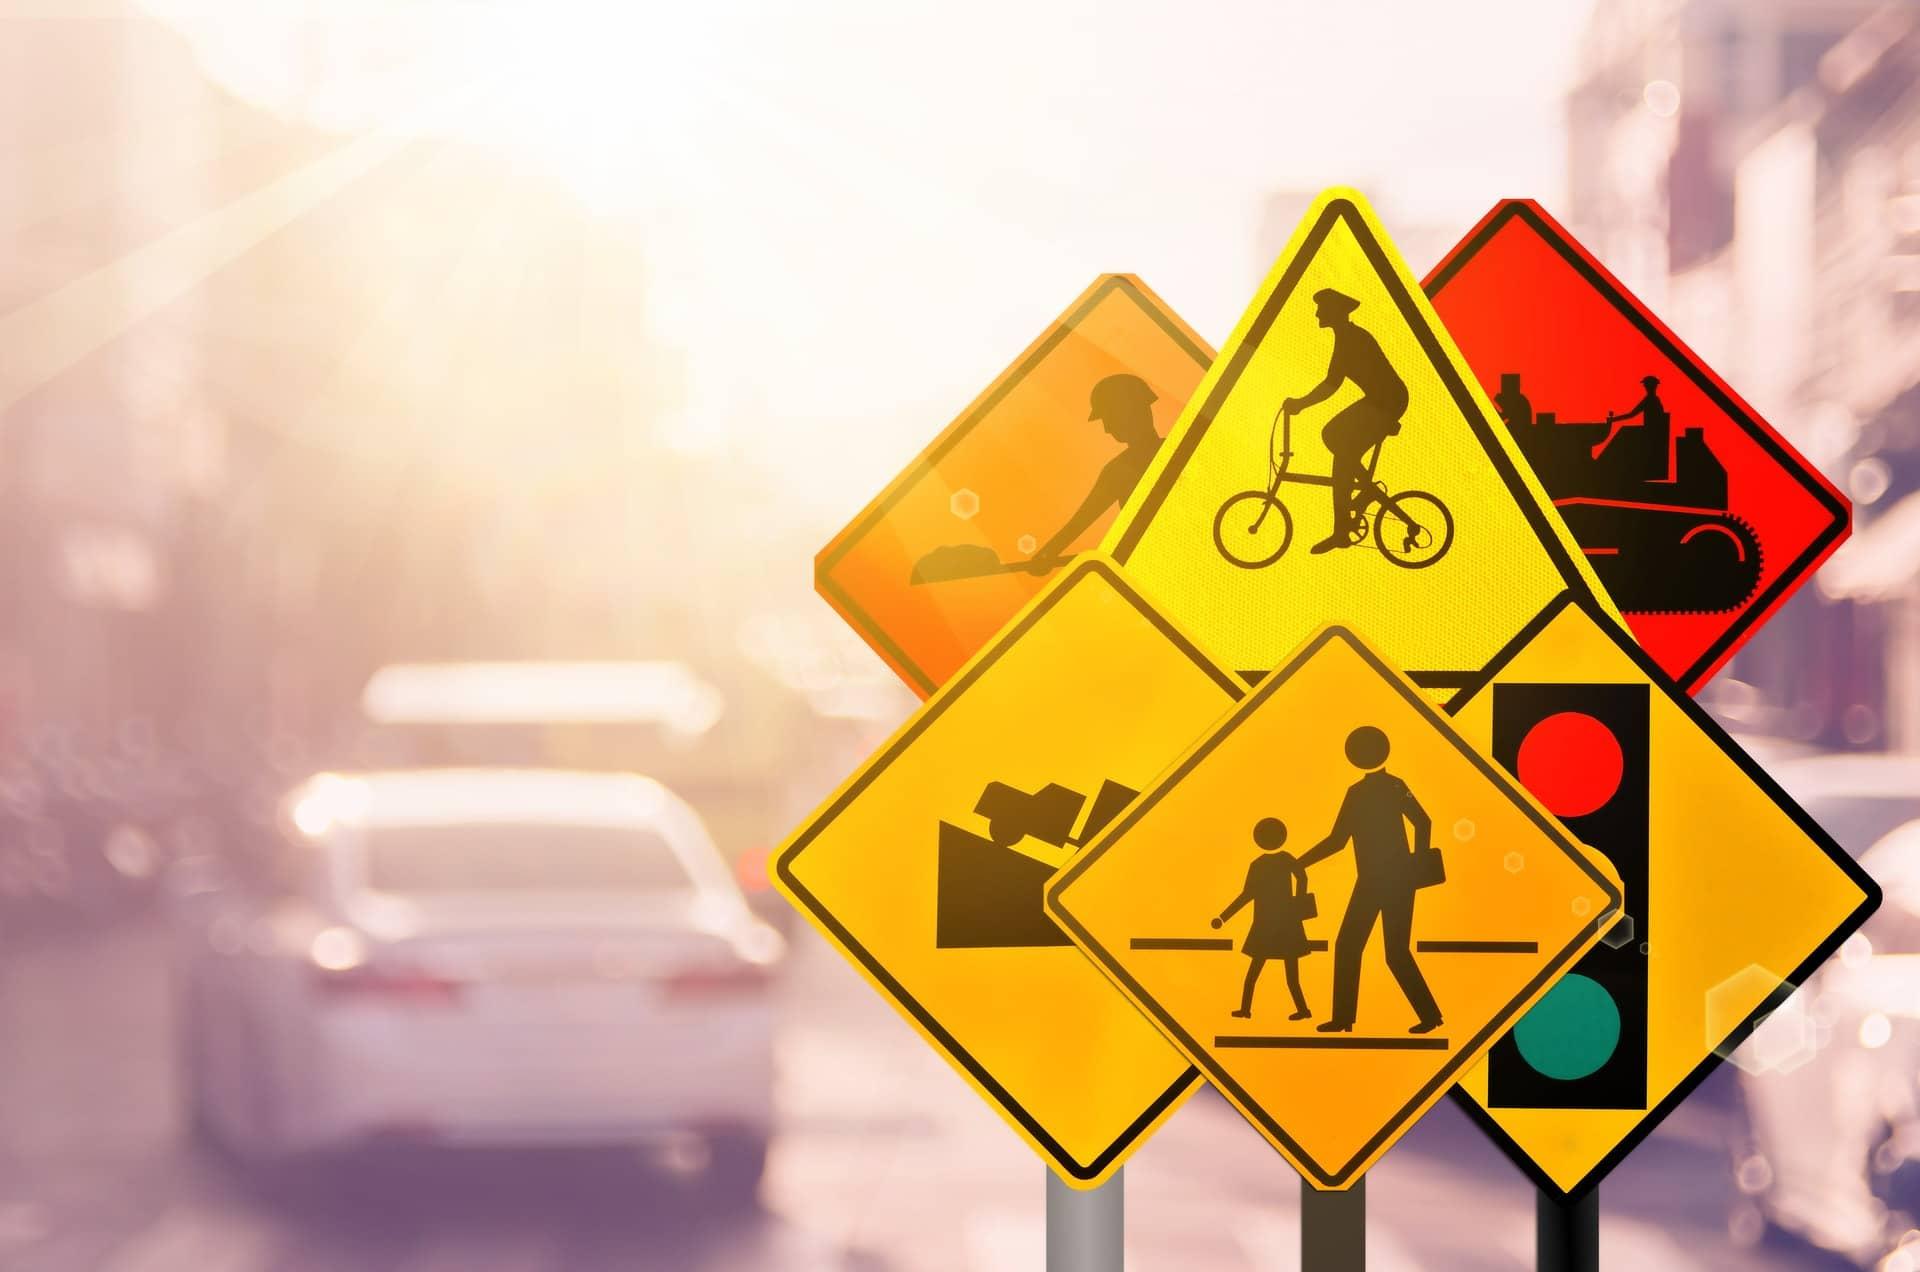 חוקי תעבורה לרוכבי אופניים